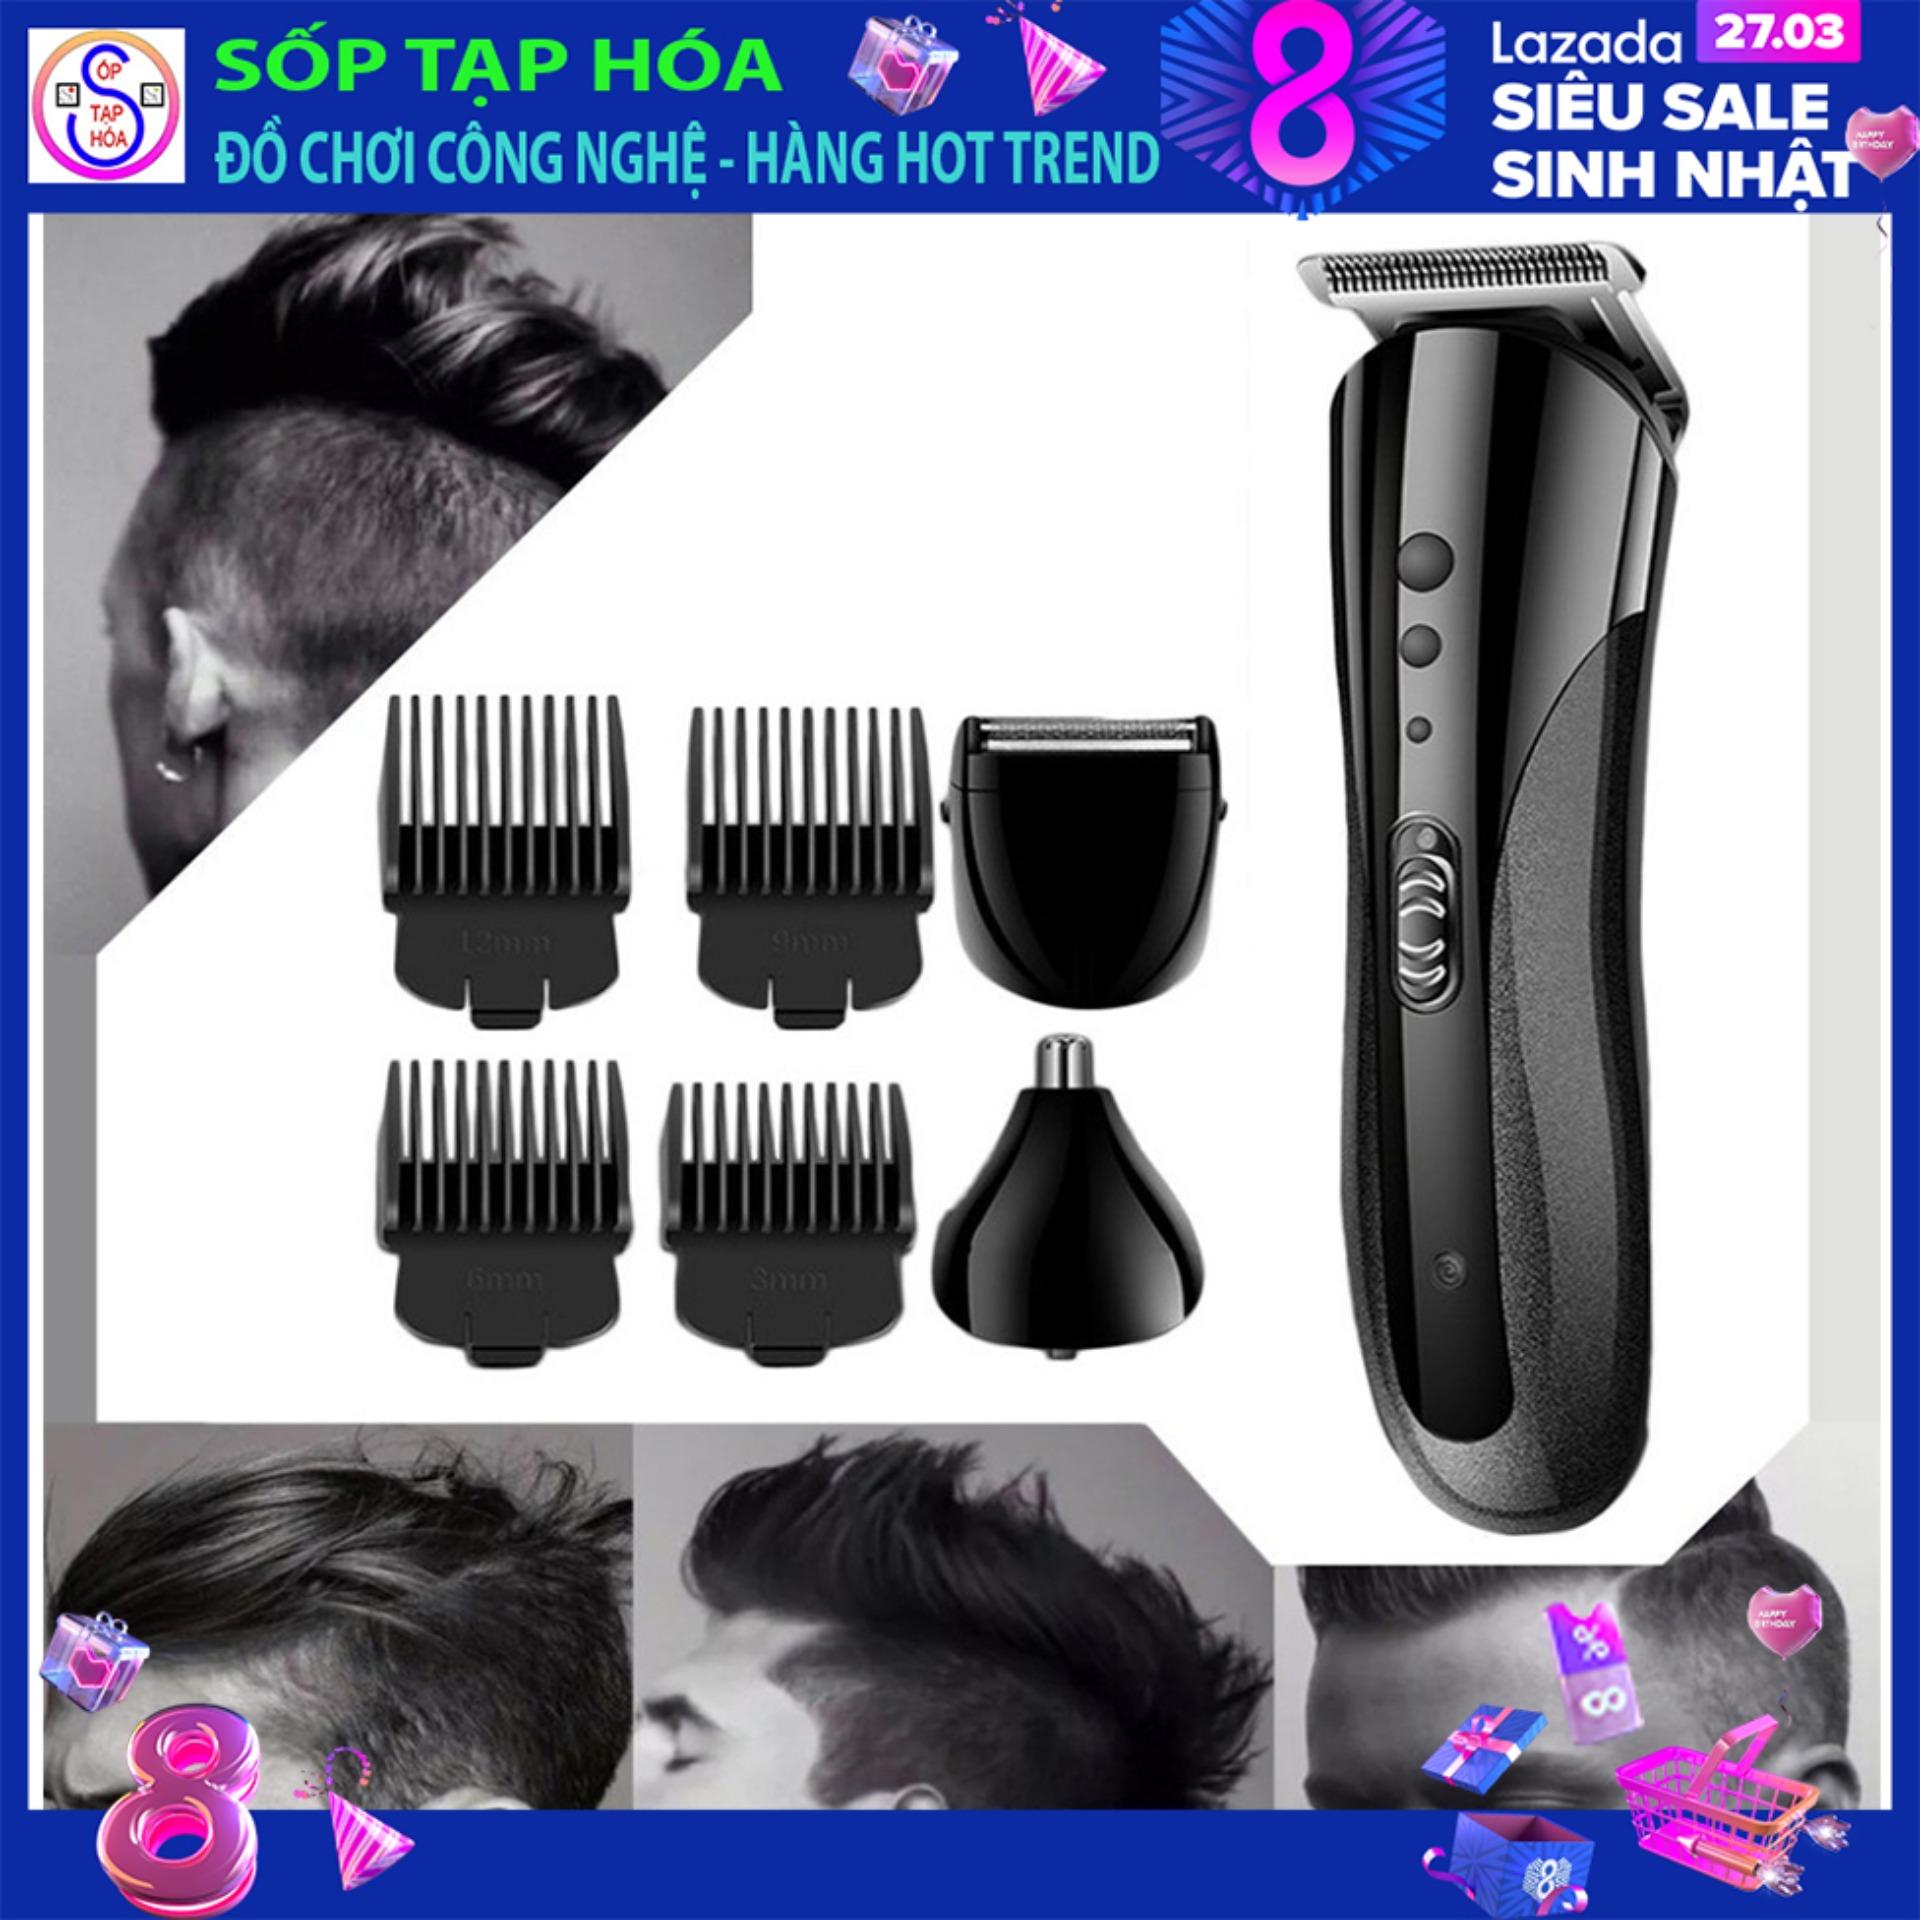 Tông đơ cắt tóc KM 1407 -  cạo râu, cắt lông mũi 3 trong 1 giá rẻ